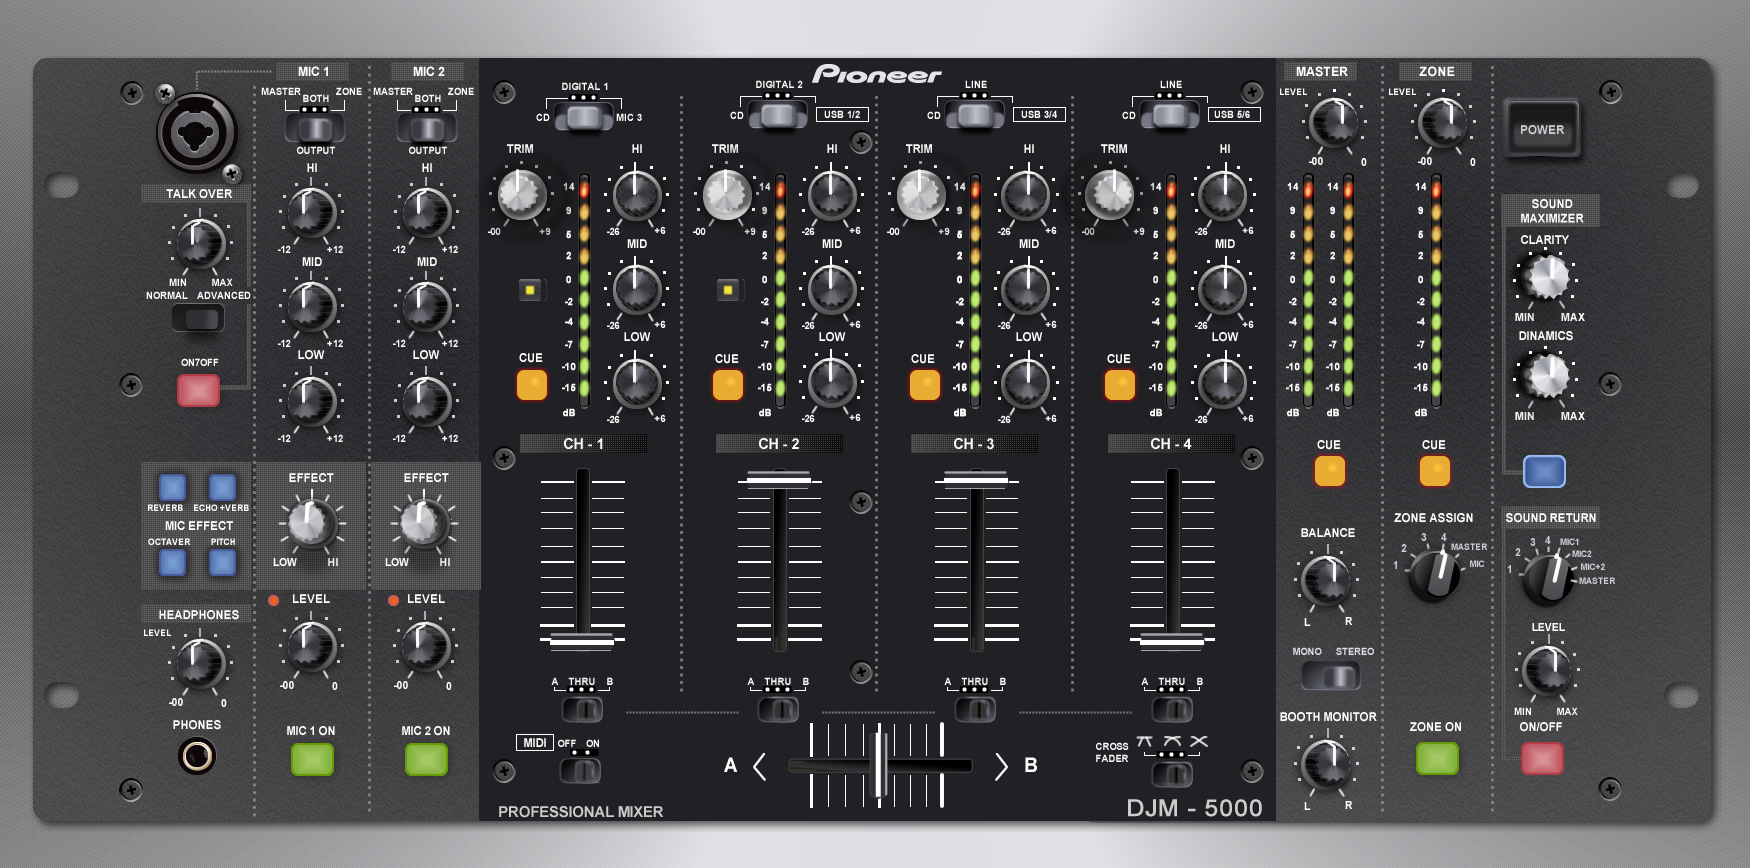 Pioneer DJM-5000 Mixer Rack by Aracama on DeviantArt